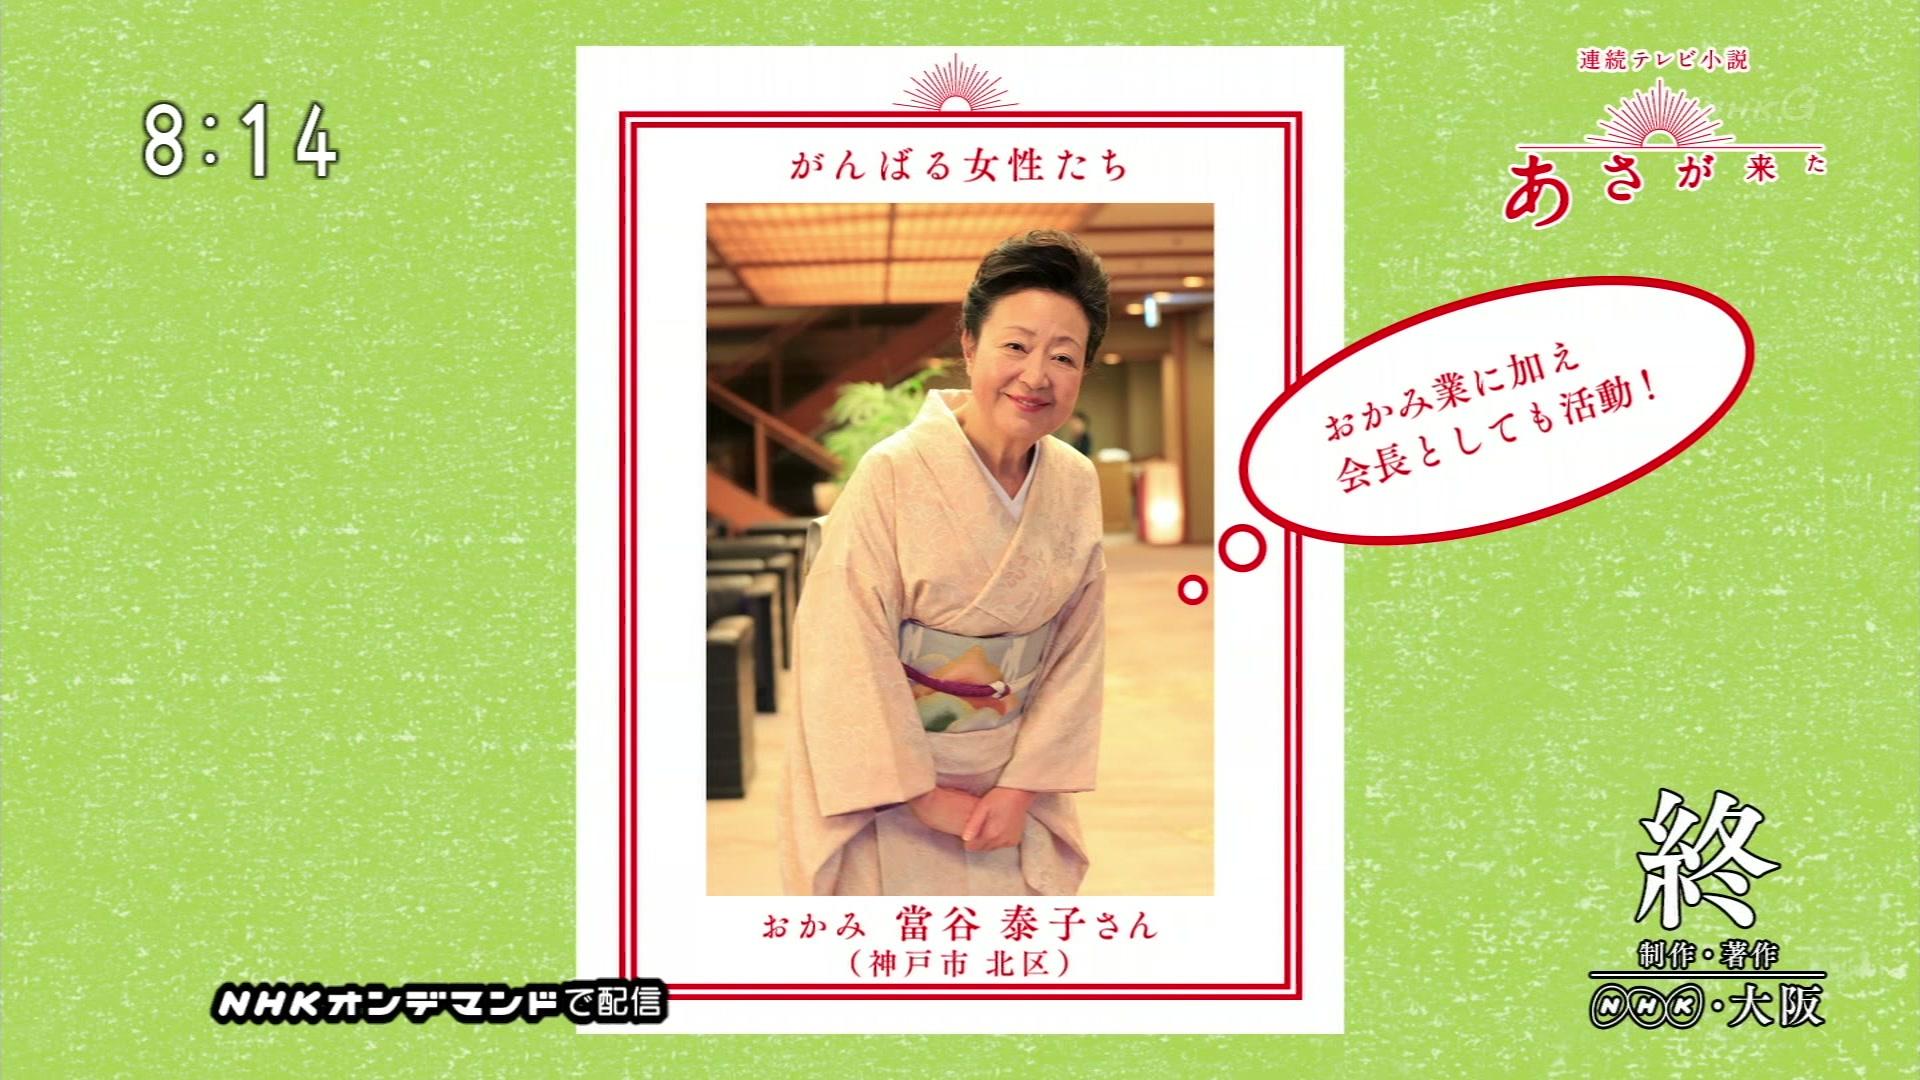 2015-10-06 08:00 連続テレビ小説 あさが来た(8)「ふたつの花びら」 2728